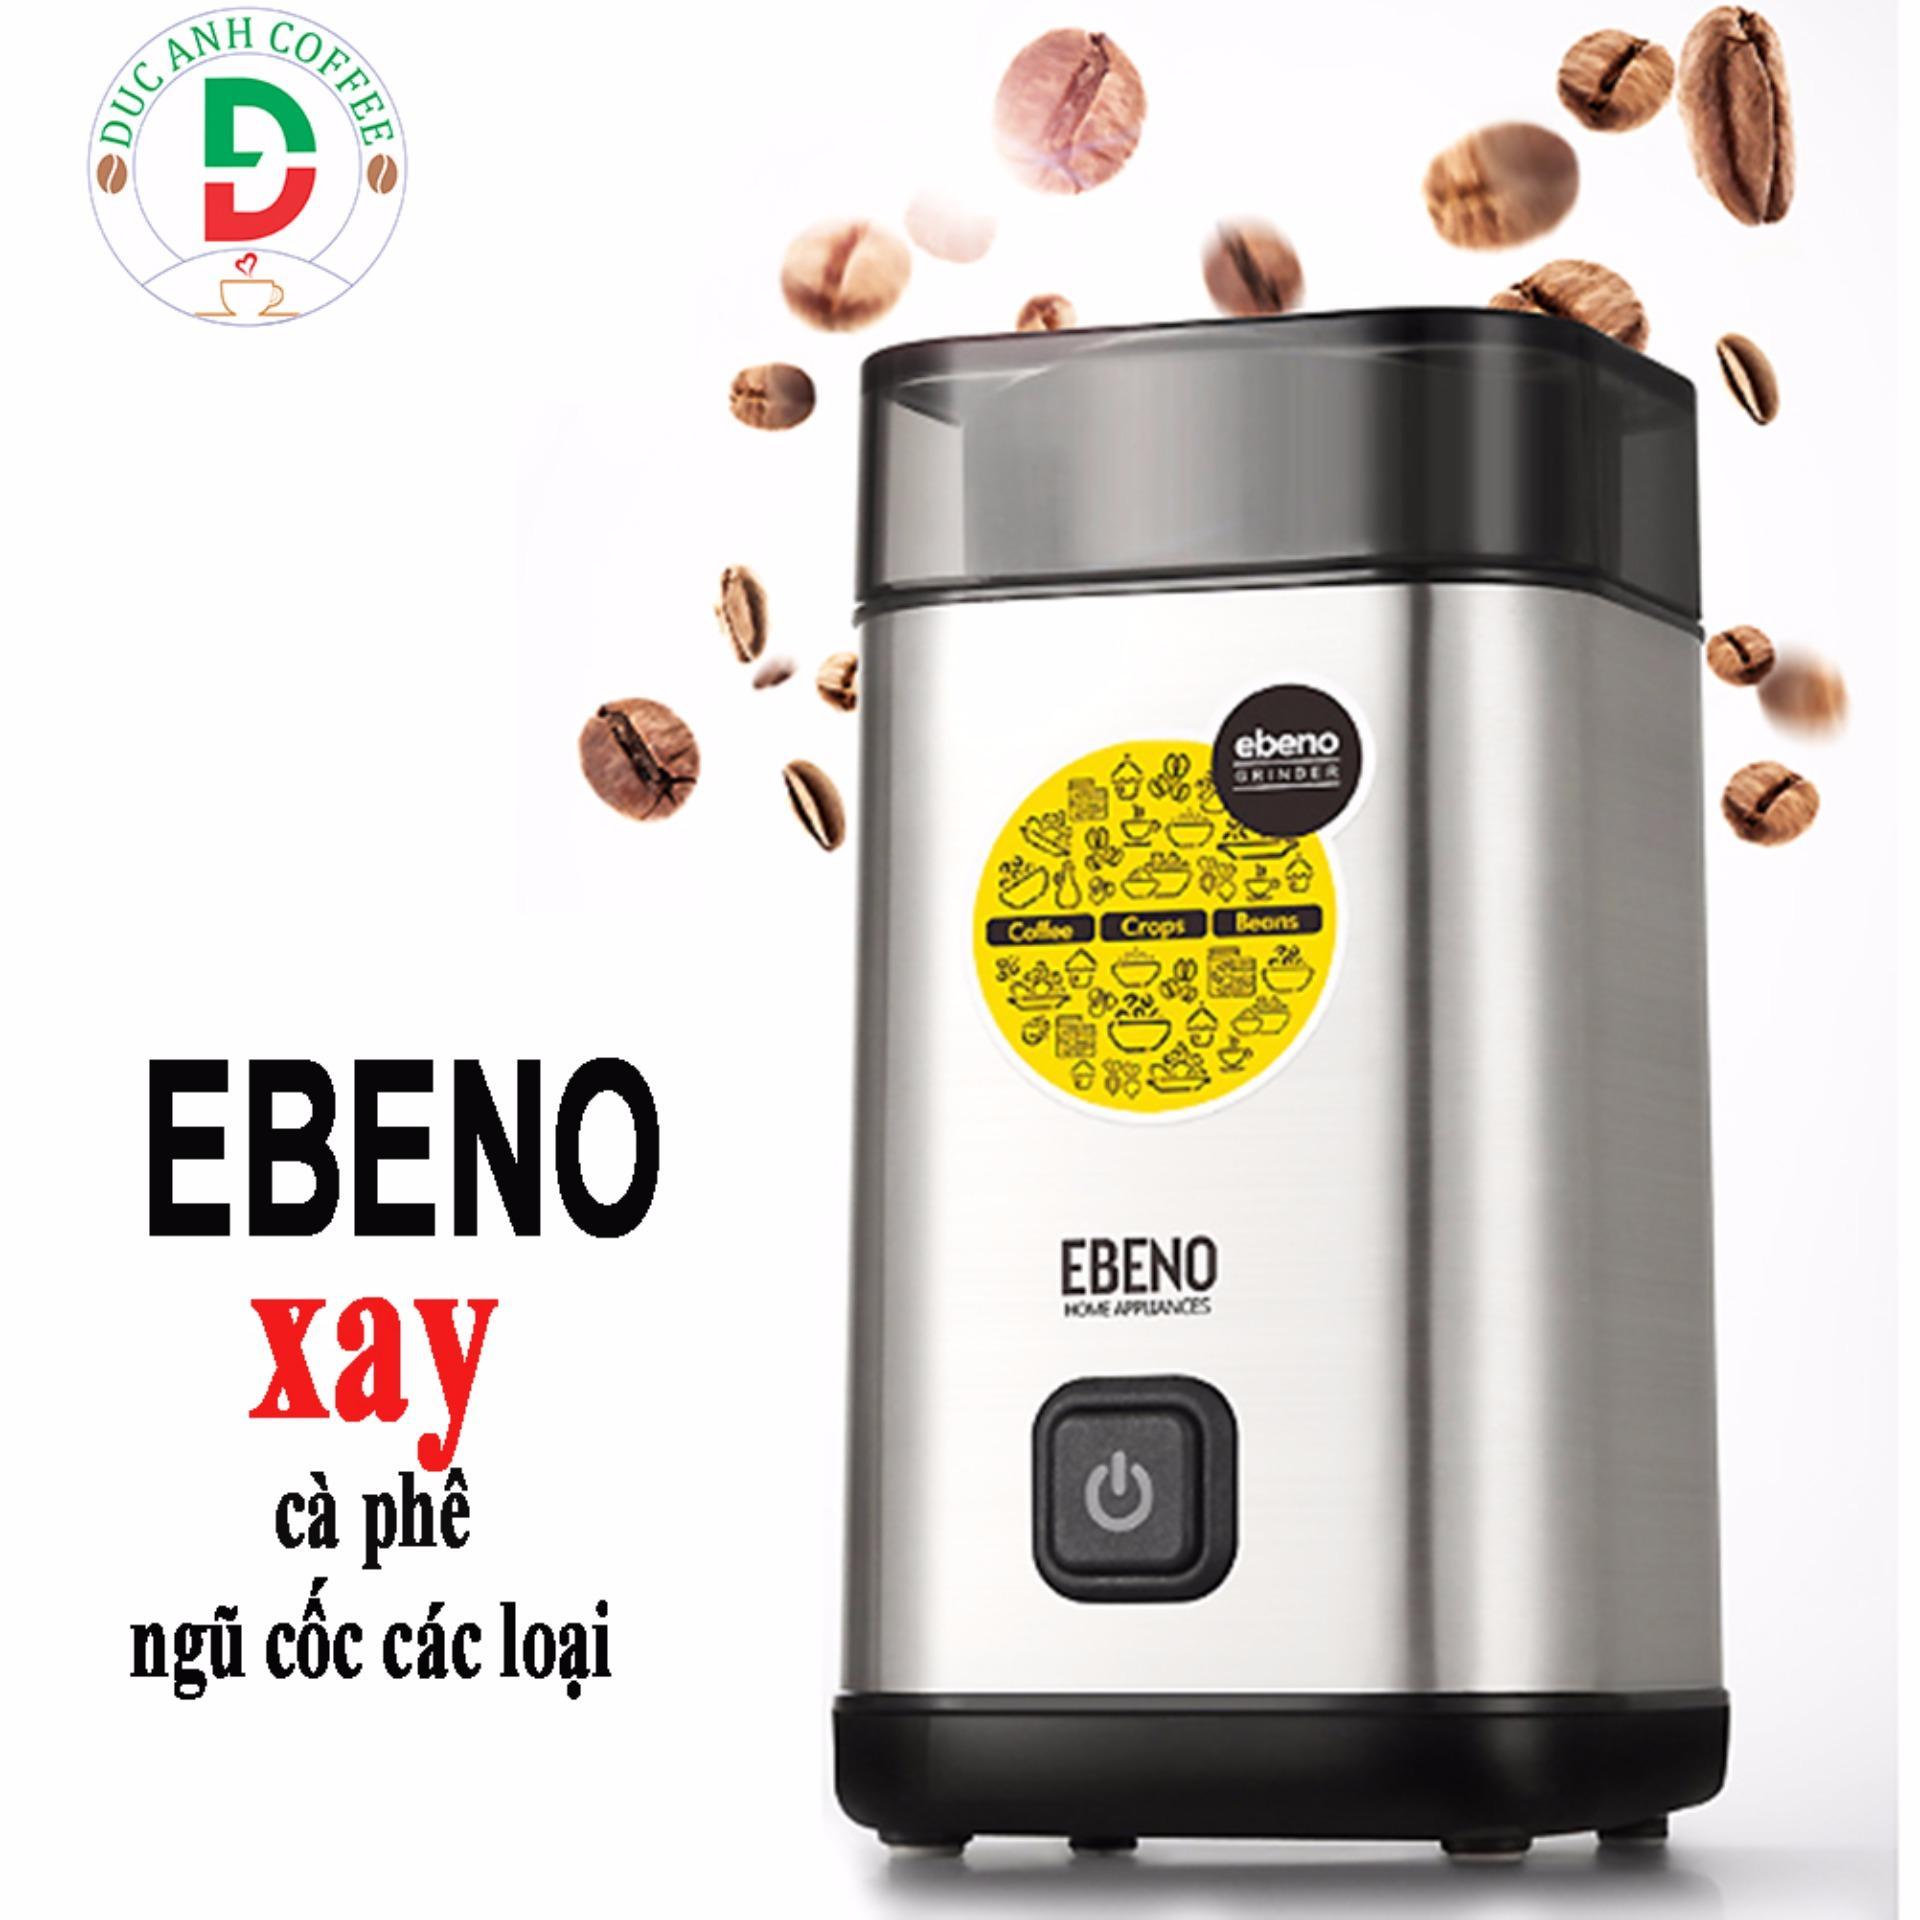 Máy Xay Cà Phê Gia Đình EBENO  (hàng nhập khẩu nguyên chiếc bới DUC ANH COFFEE ).